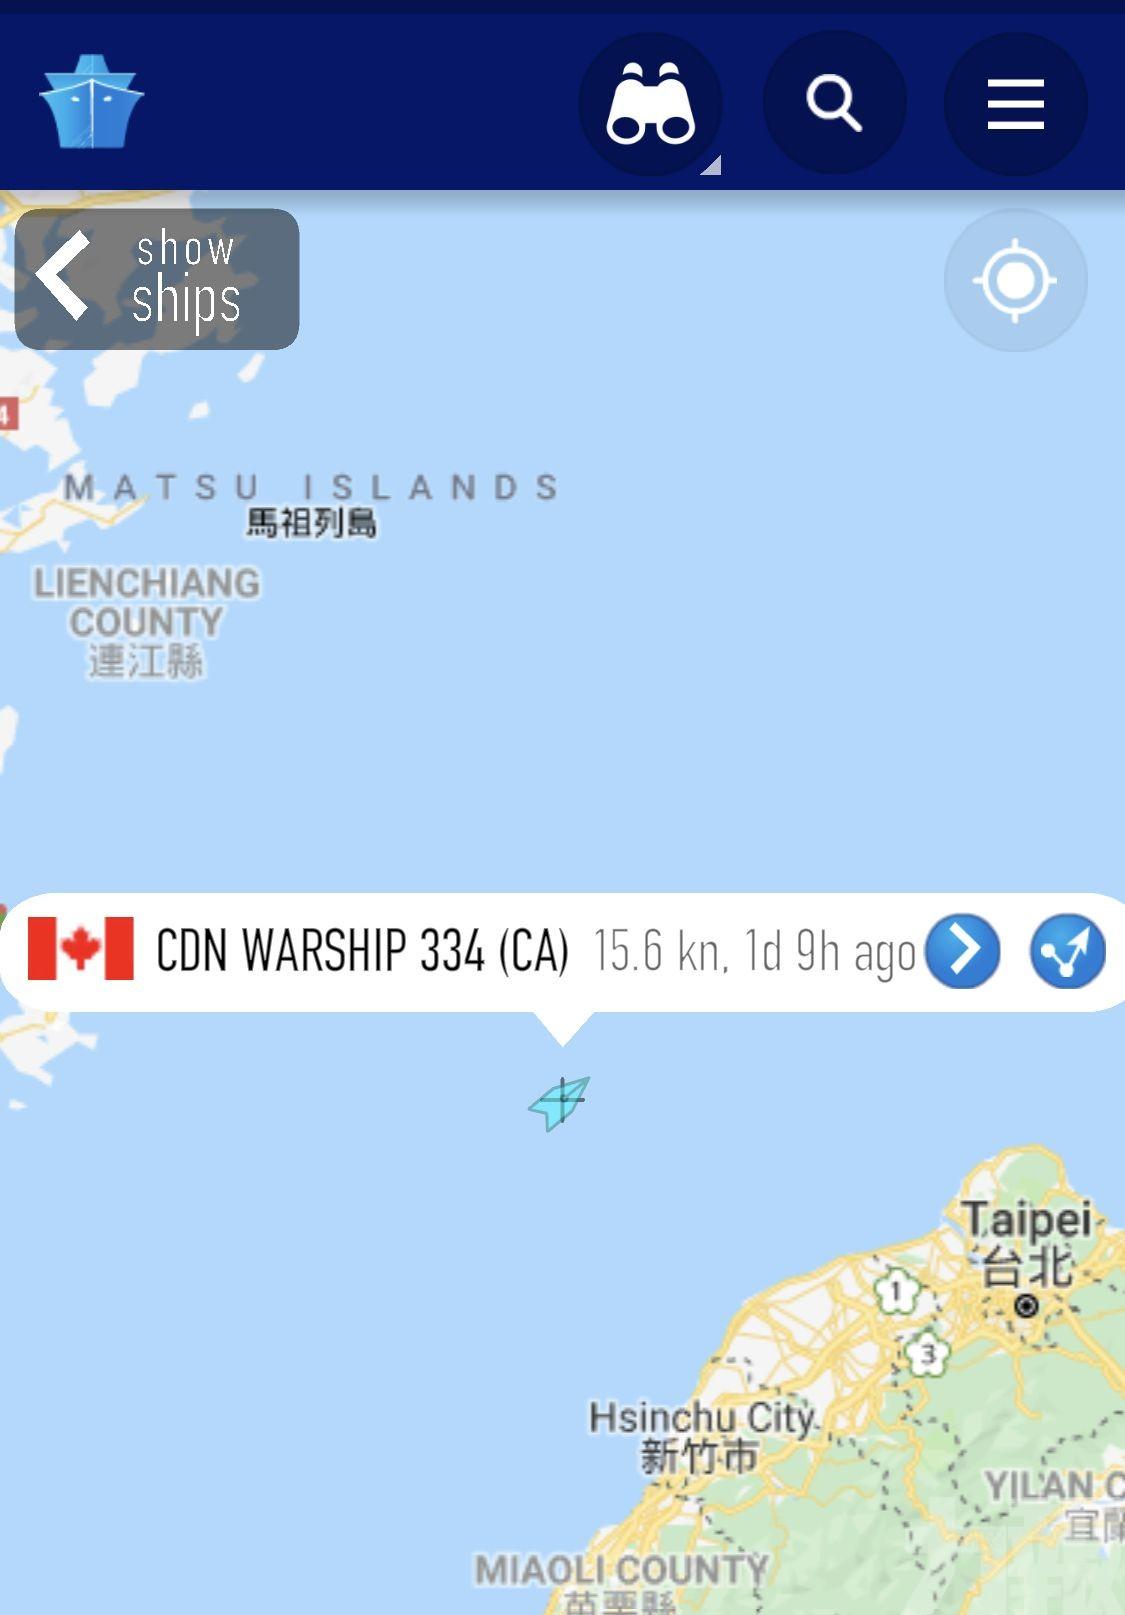 台「國防部」:自由航行無異狀